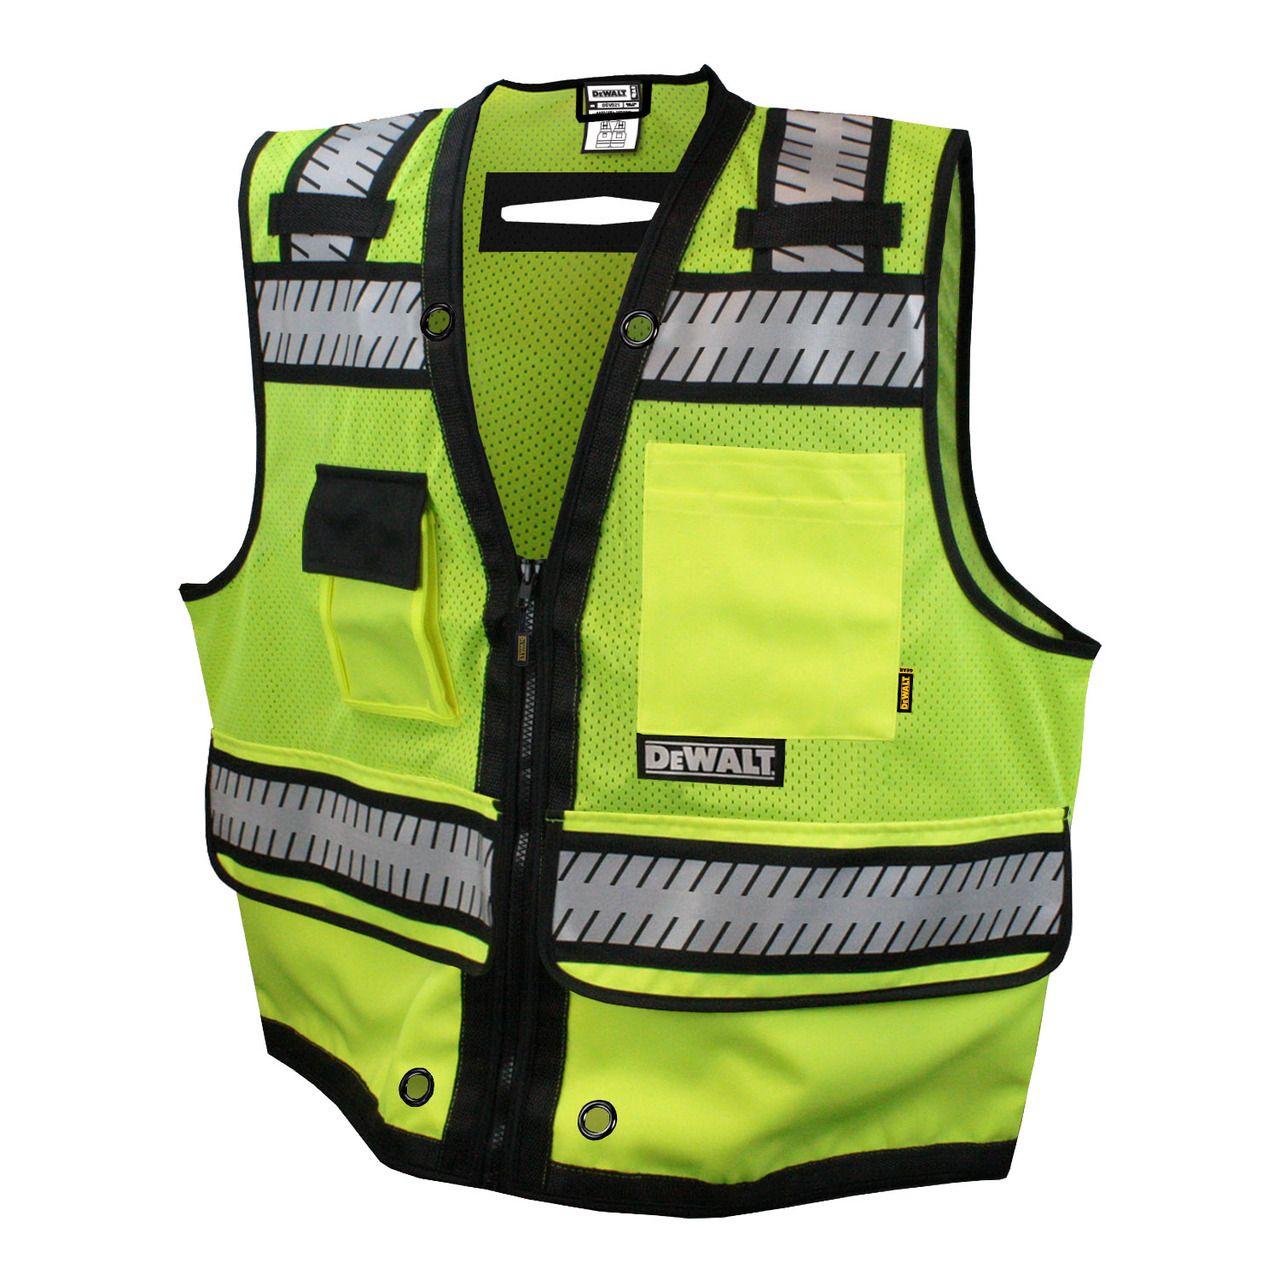 DeWalt DSV521 Class 2 Heavy Duty Surveyor Lime Safety Vest